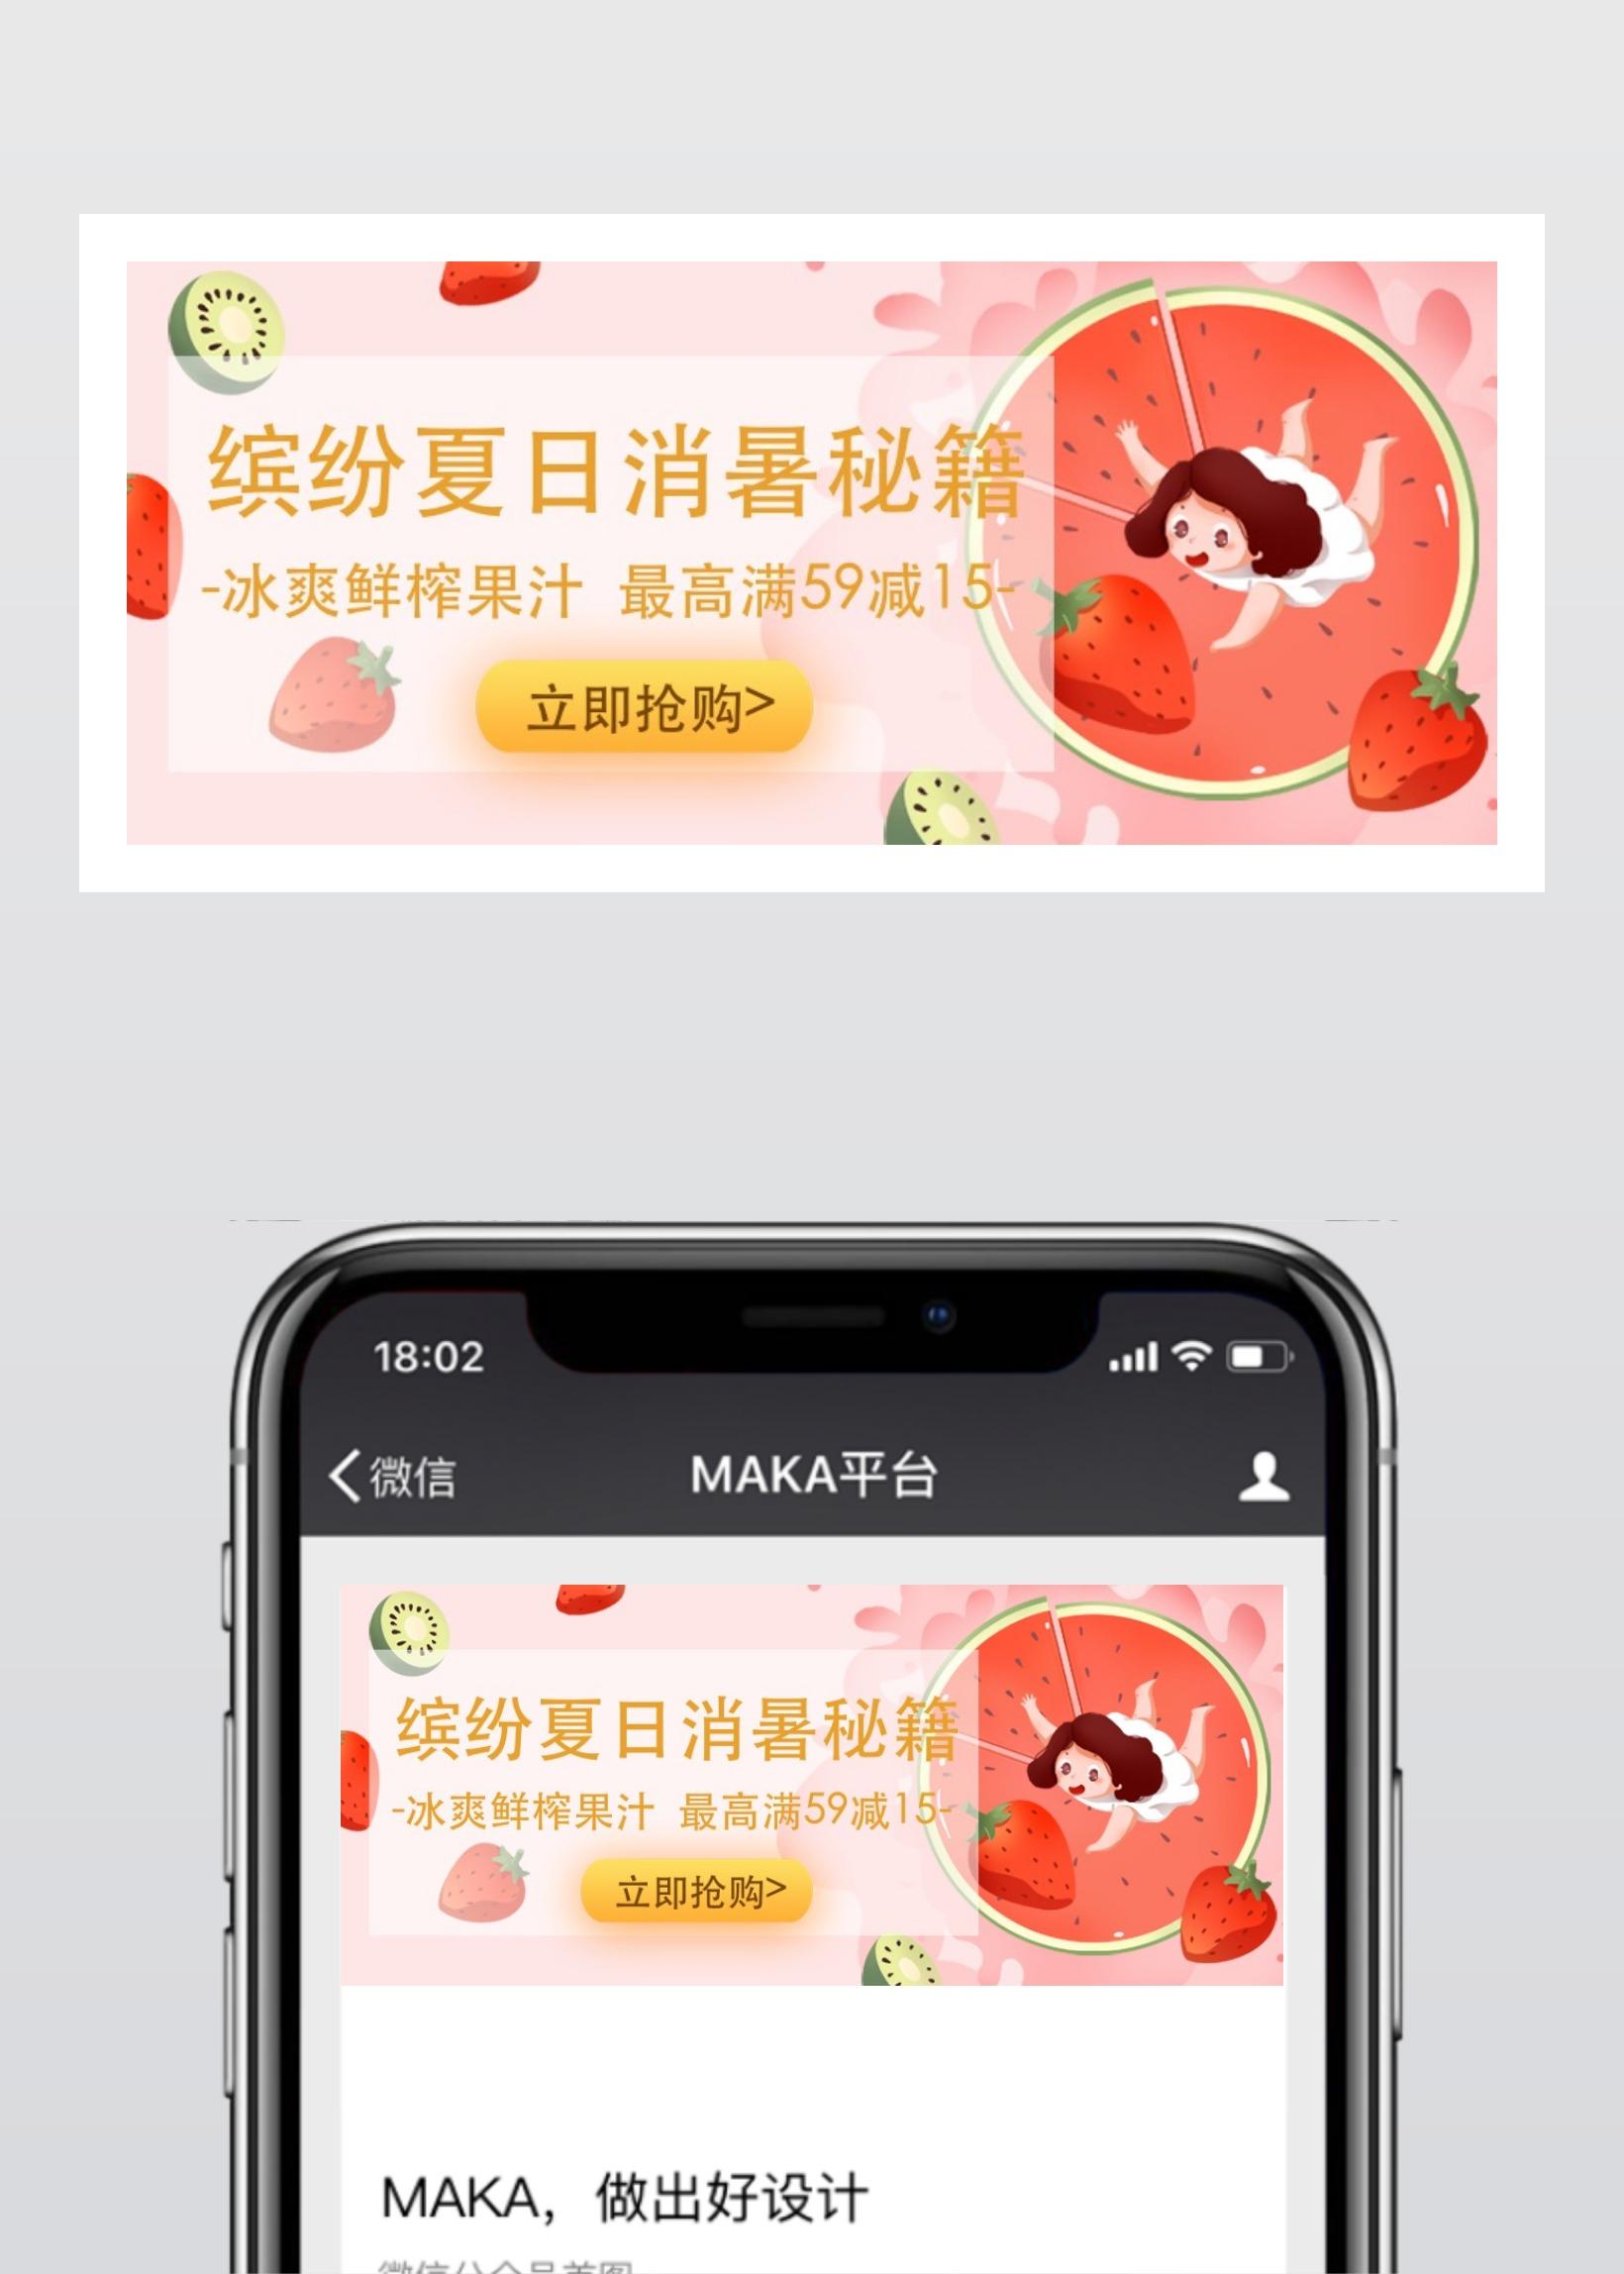 蓝色清新插画设计风格夏季水果果汁促销活动宣传微信公众号大图